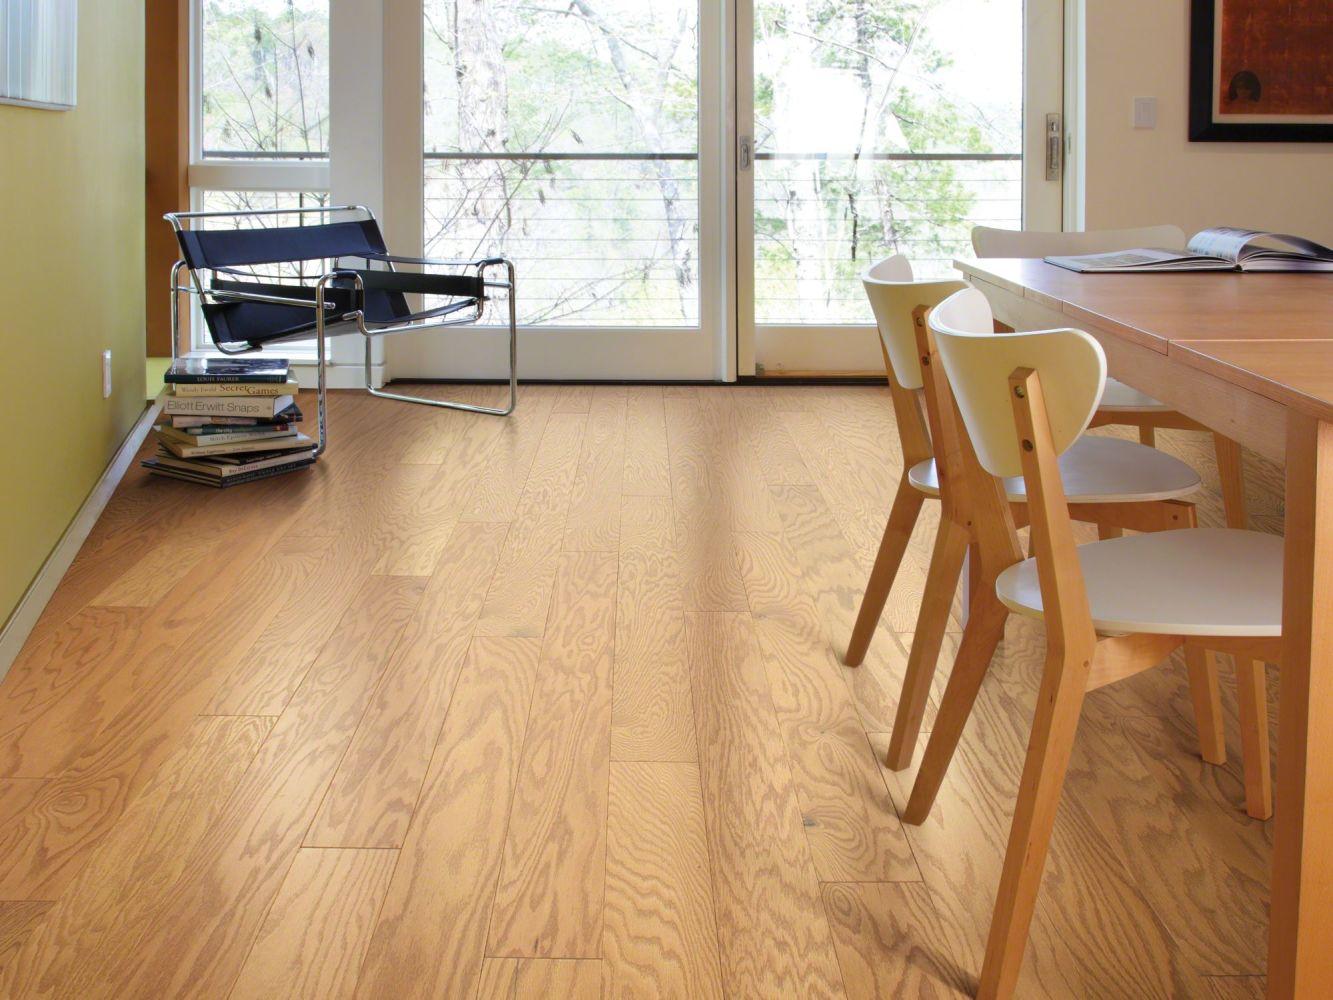 Shaw Floors Duras Hardwood All In II 5 Caramel 00223_HW582